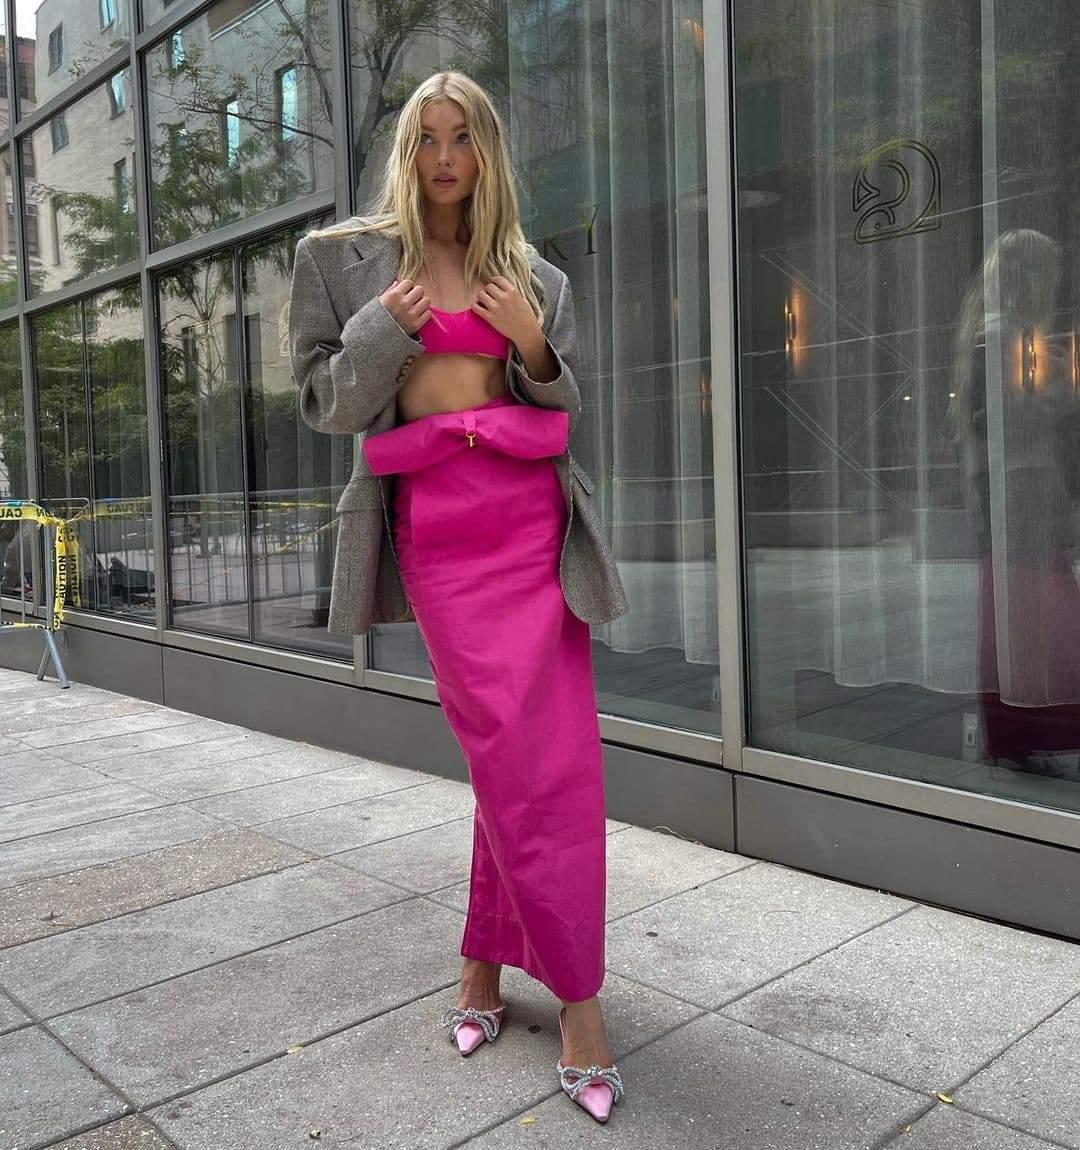 Стильний образ Ельзи Госк / Фото з інстаграму моделі